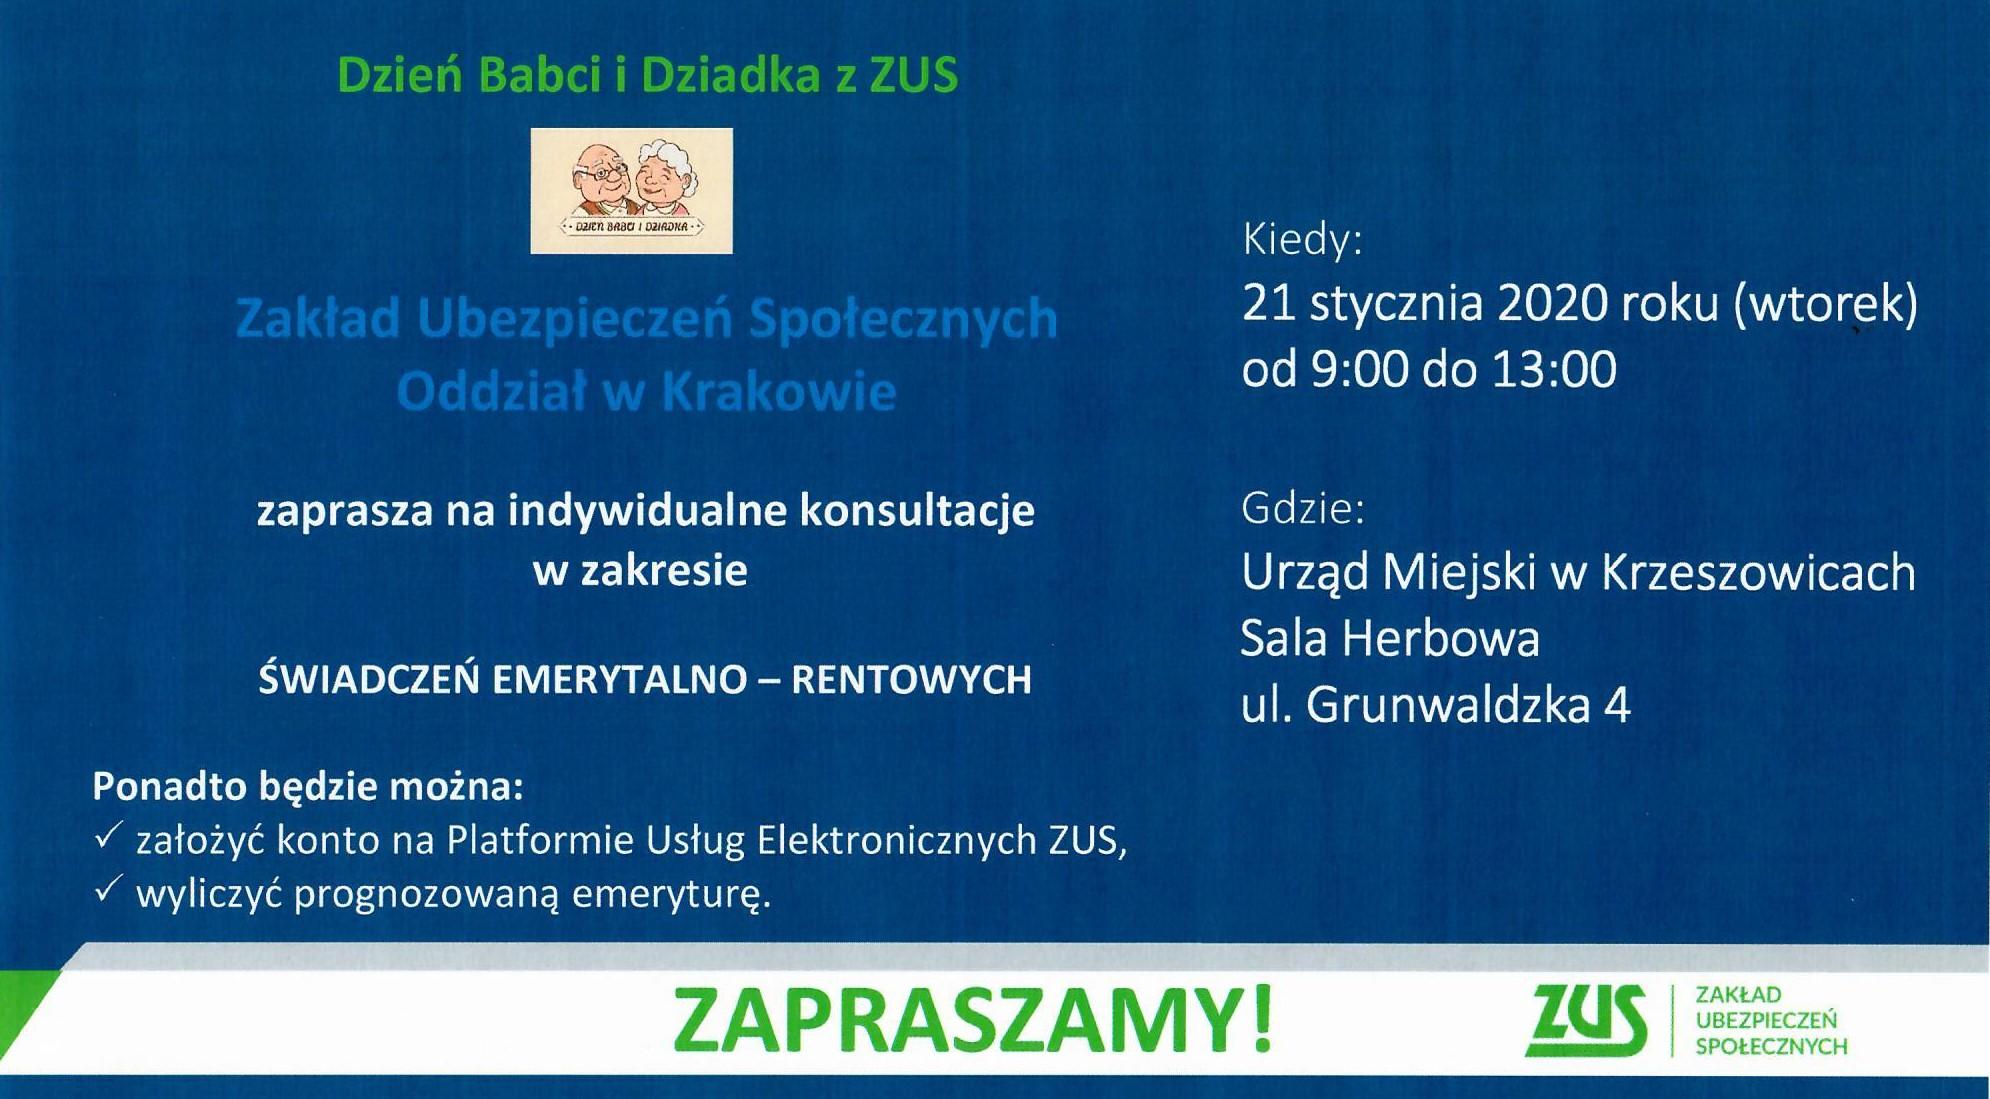 Dyżur eksperta ZUS w Krzeszowicach